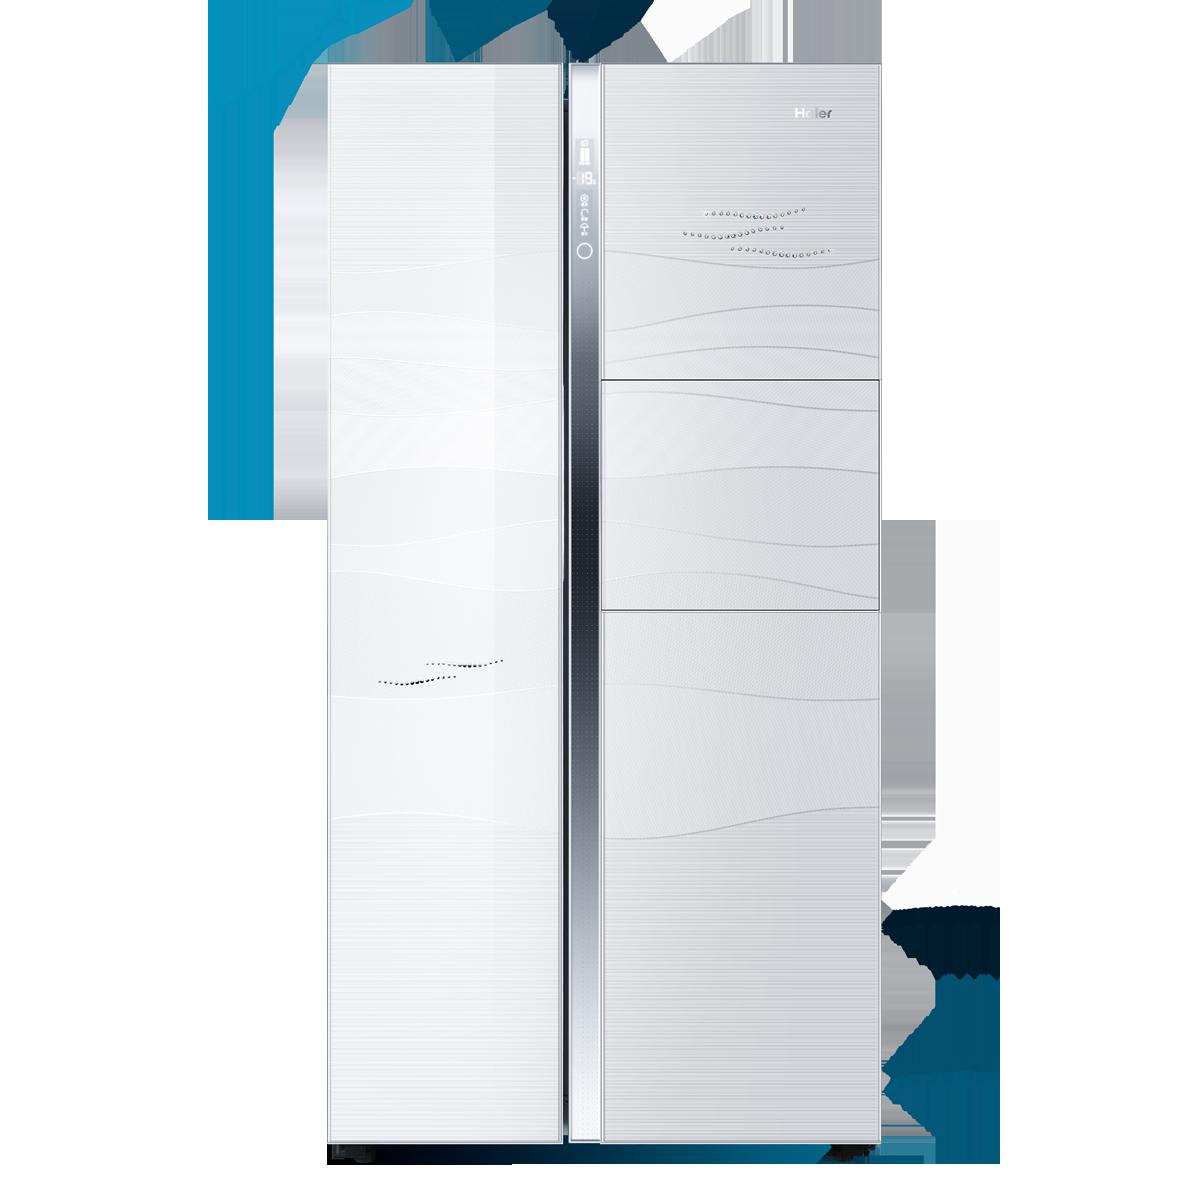 海尔Haier冰箱 BCD-626WABCB 说明书